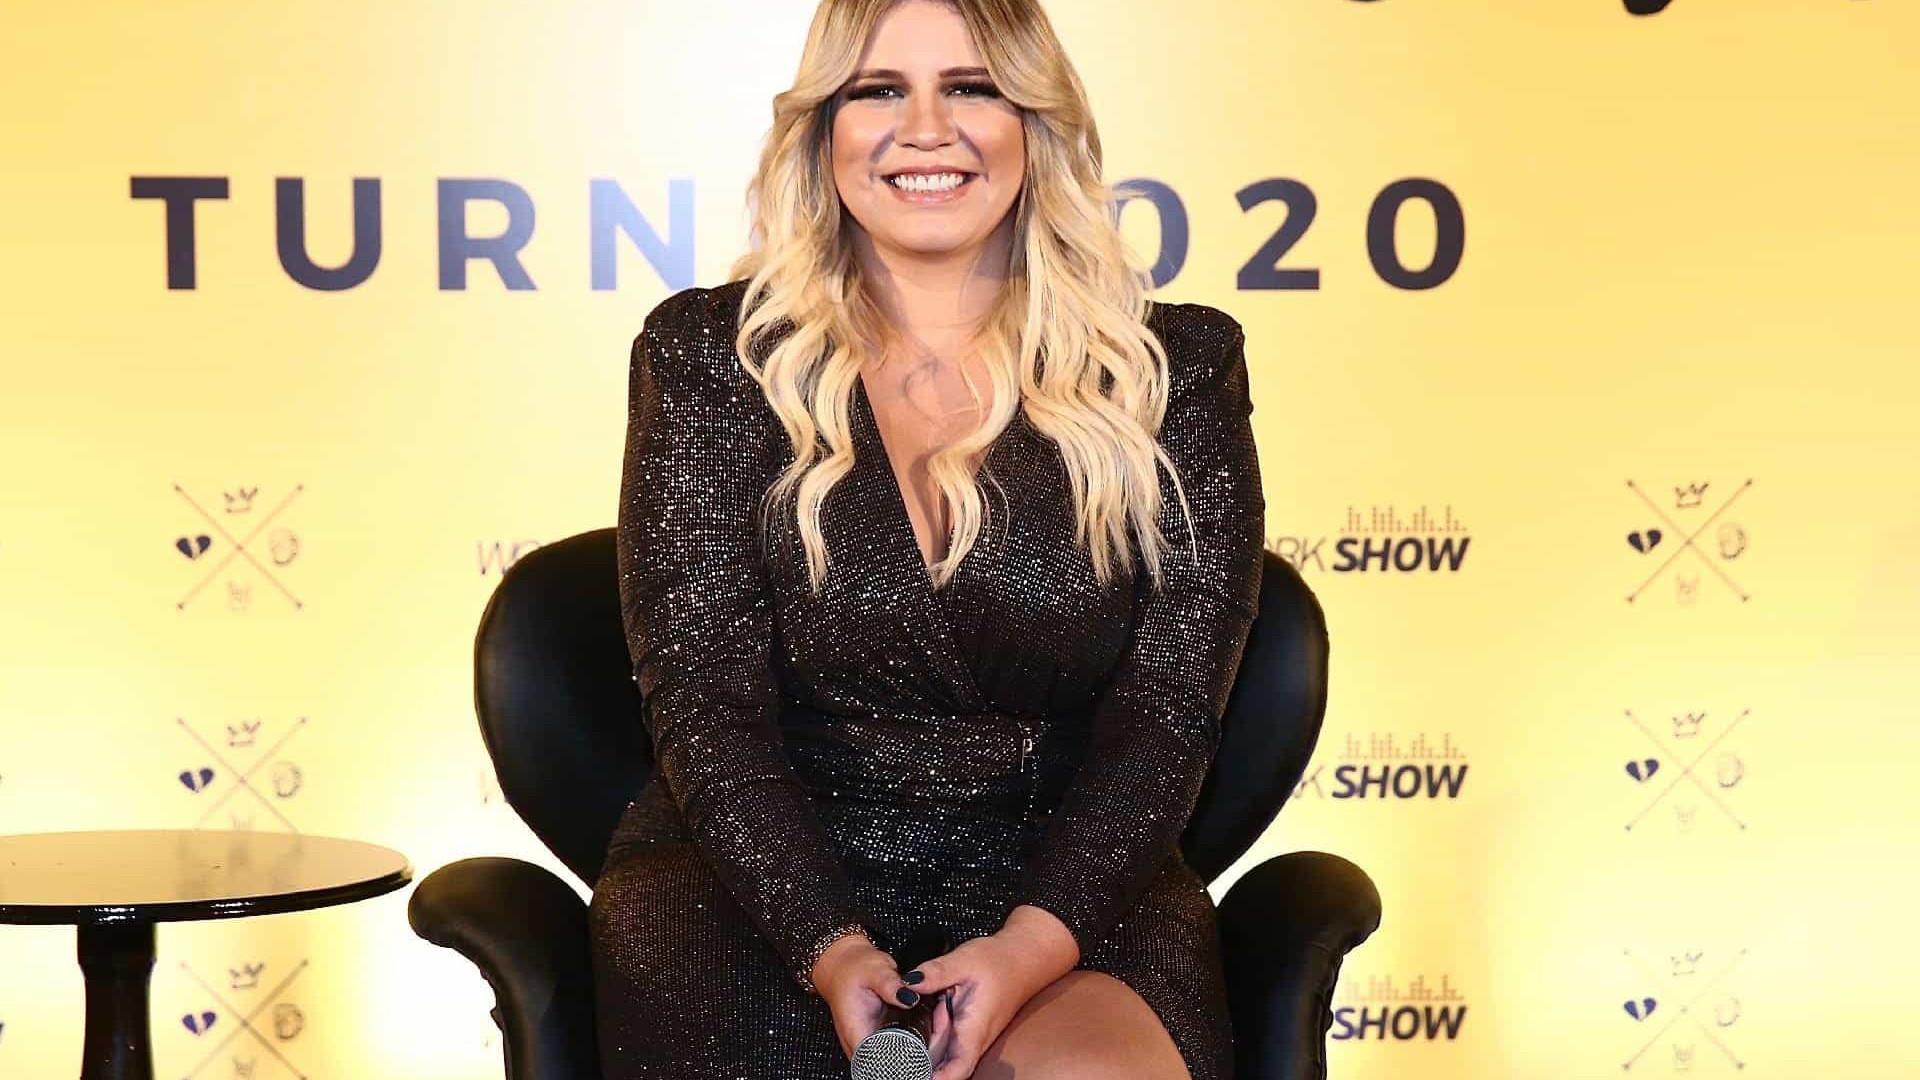 Marília Mendonça diz que tem déficit de atenção nas redes sociais